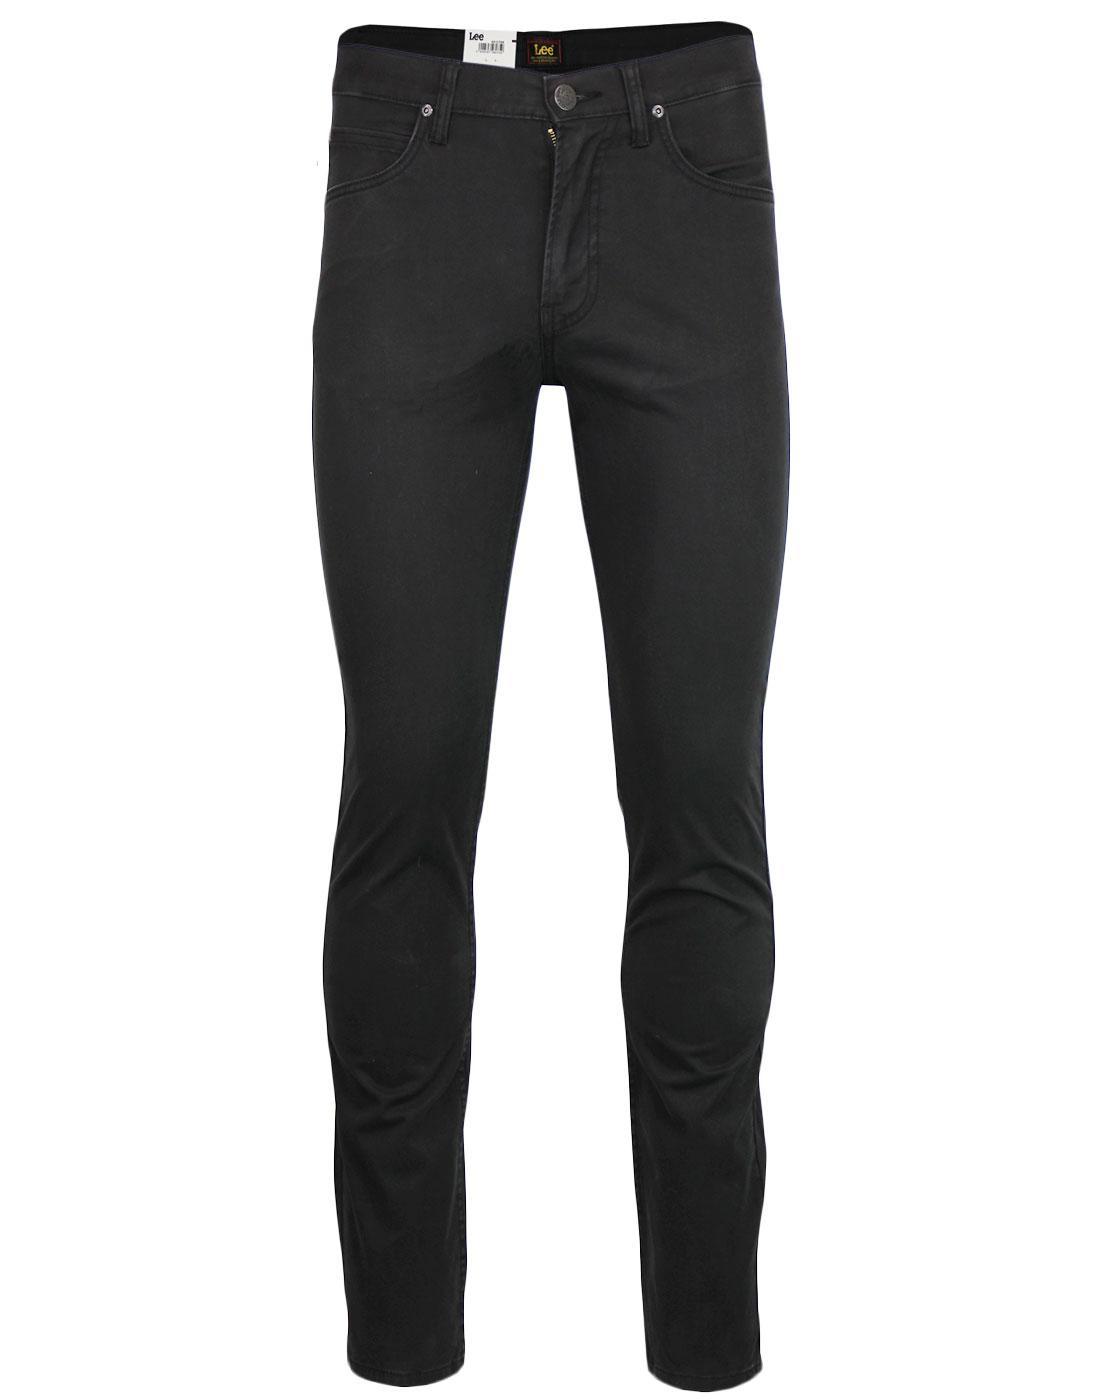 Rider LEE Slim Leg Retro Denim Jeans ANTHRACITE